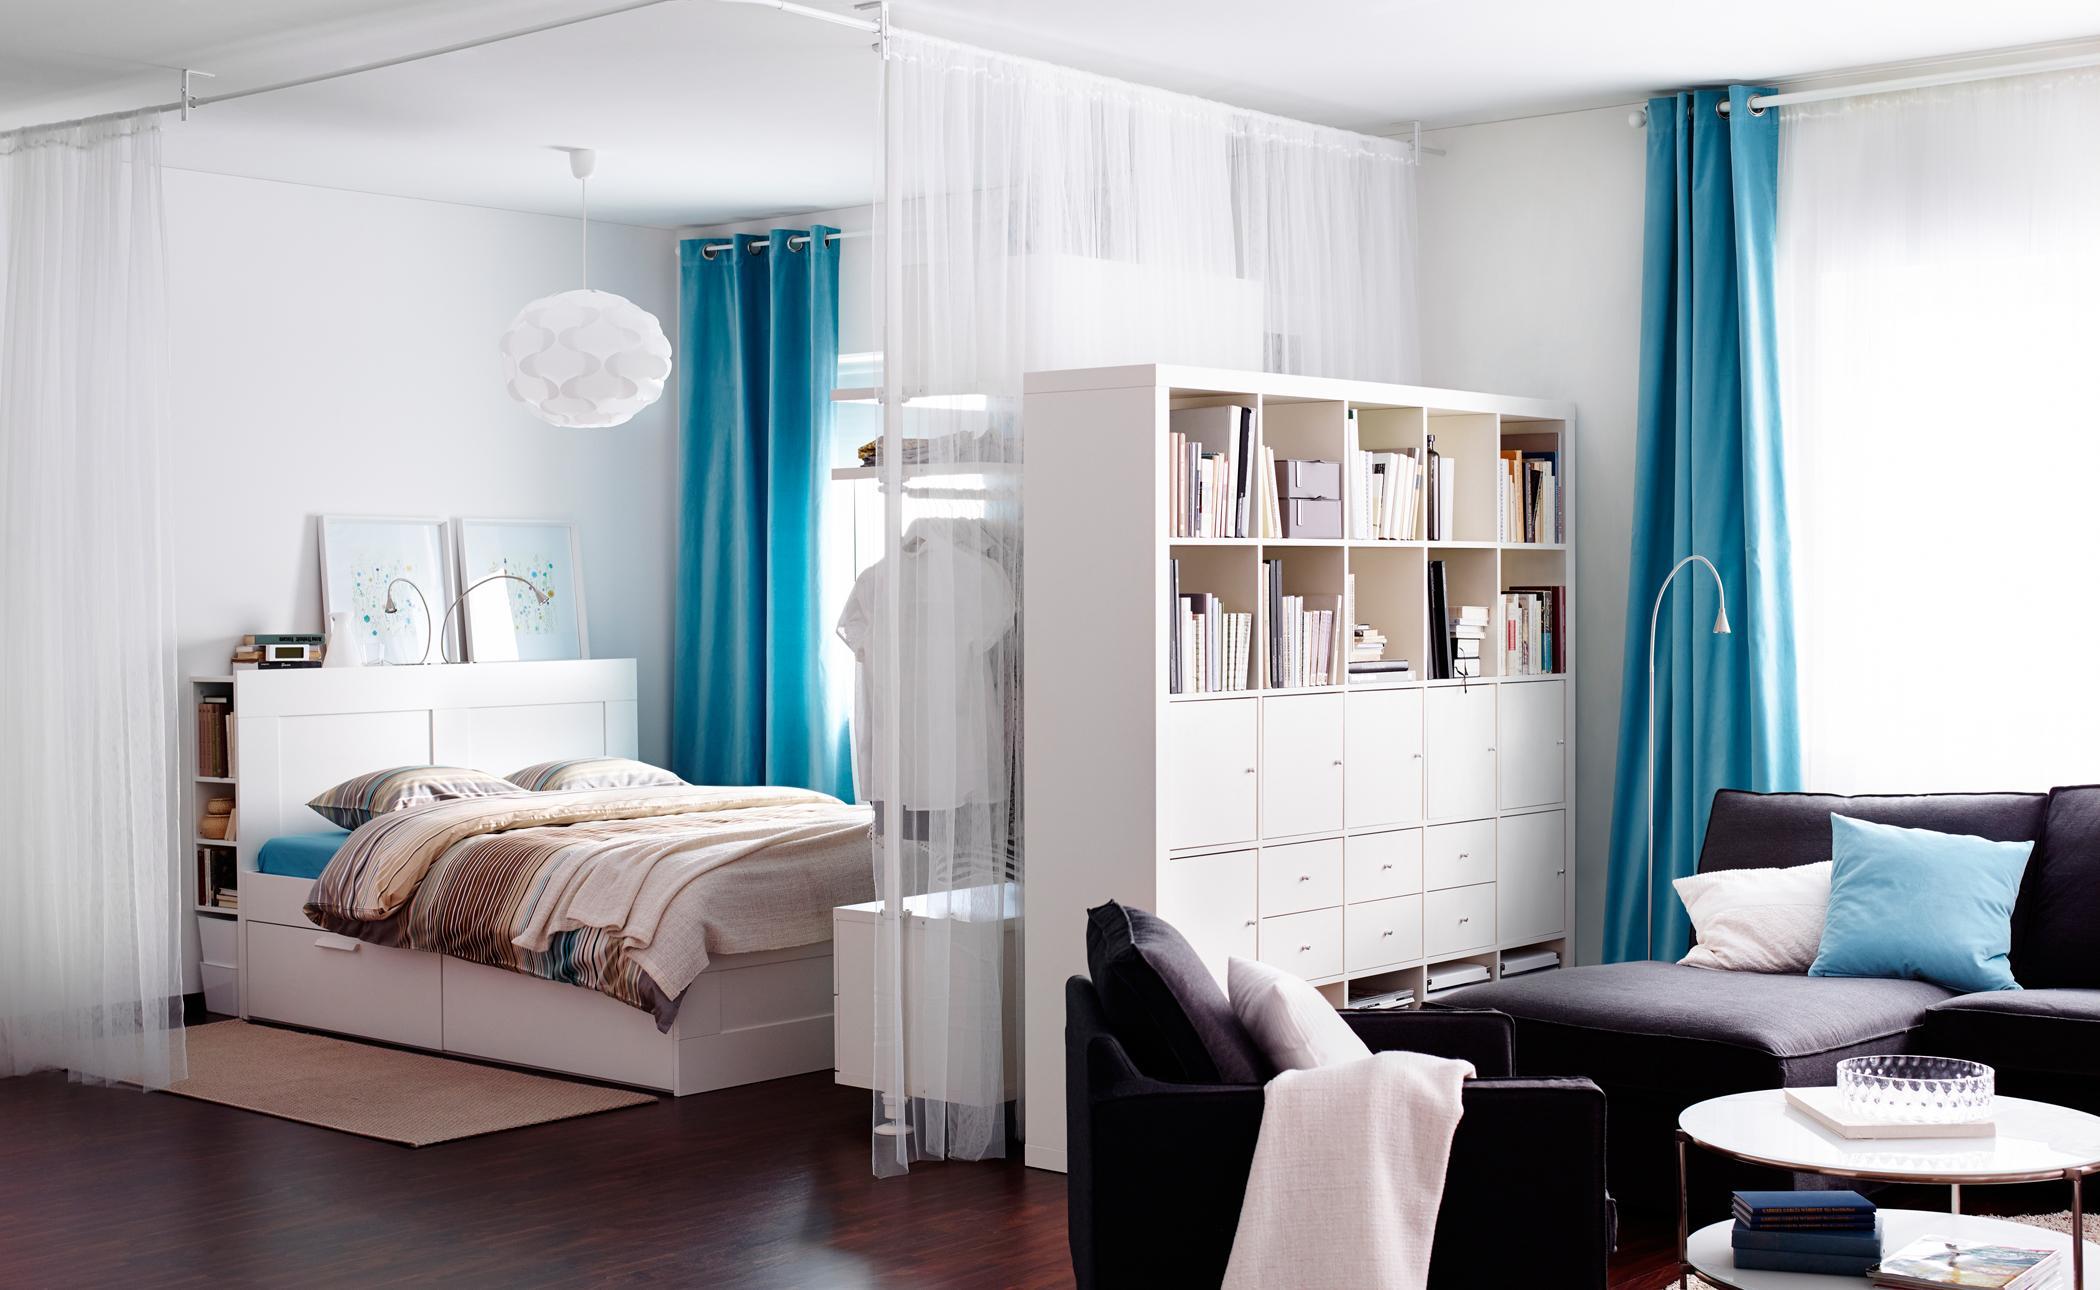 Full Size of Vorhnge Als Raumteiler Regal Bettkasten Vorhang Modulküche Ikea Vorhänge Schlafzimmer Miniküche Wohnzimmer Küche Kaufen Kosten Sofa Mit Schlaffunktion Wohnzimmer Vorhänge Ikea